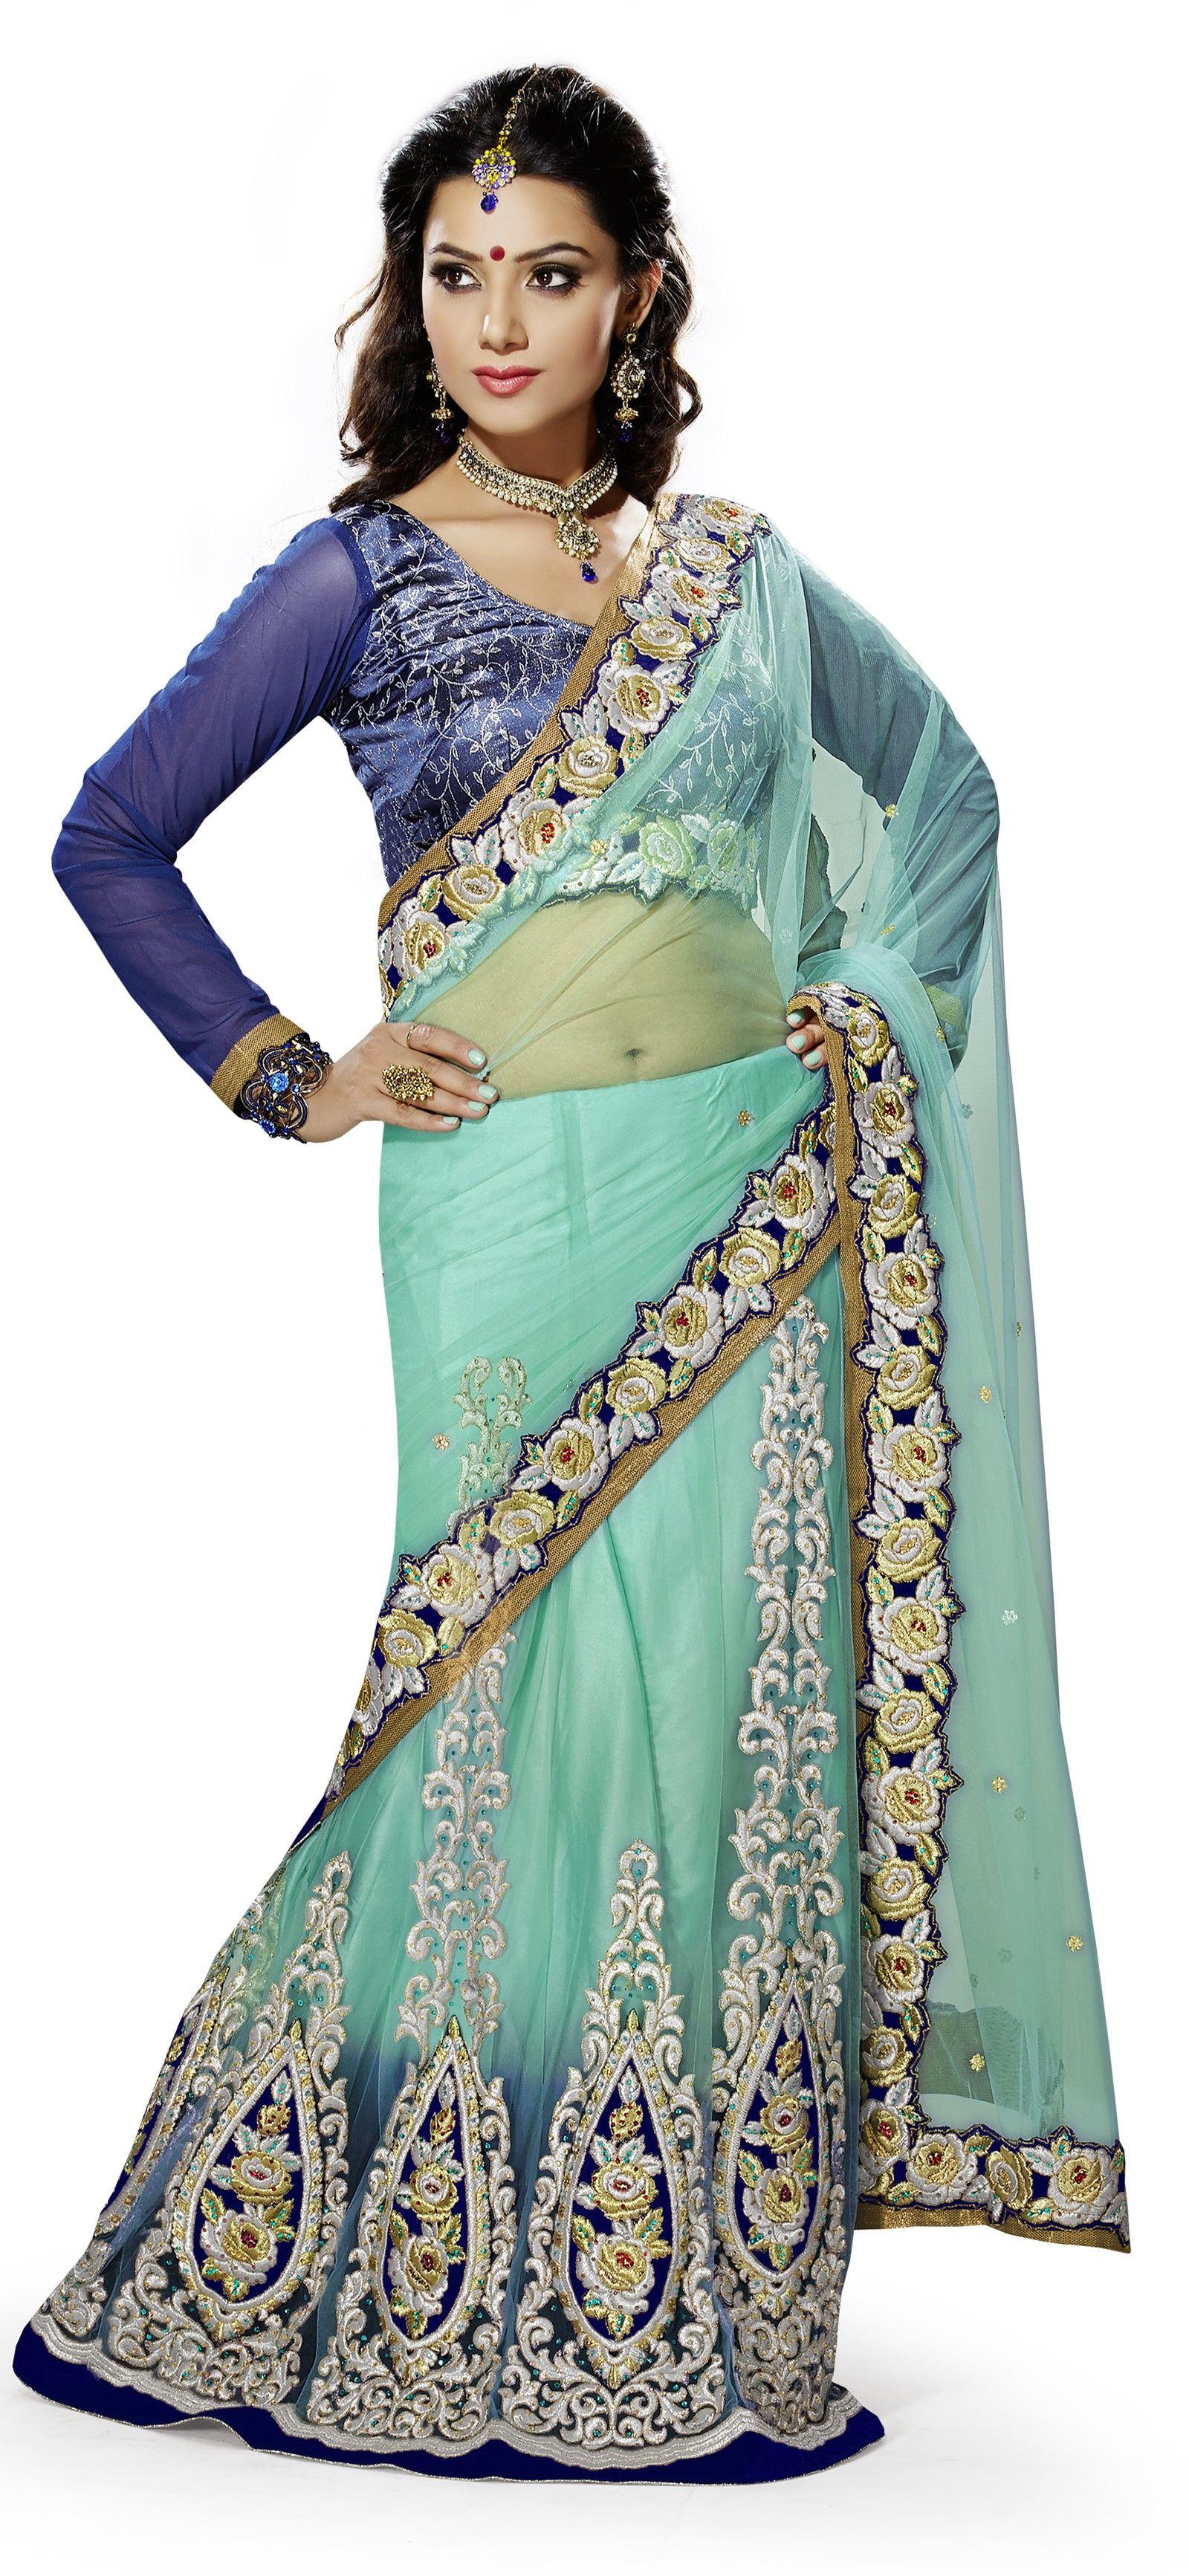 GLITTERING SAREE Saree designs, Lehenga style saree